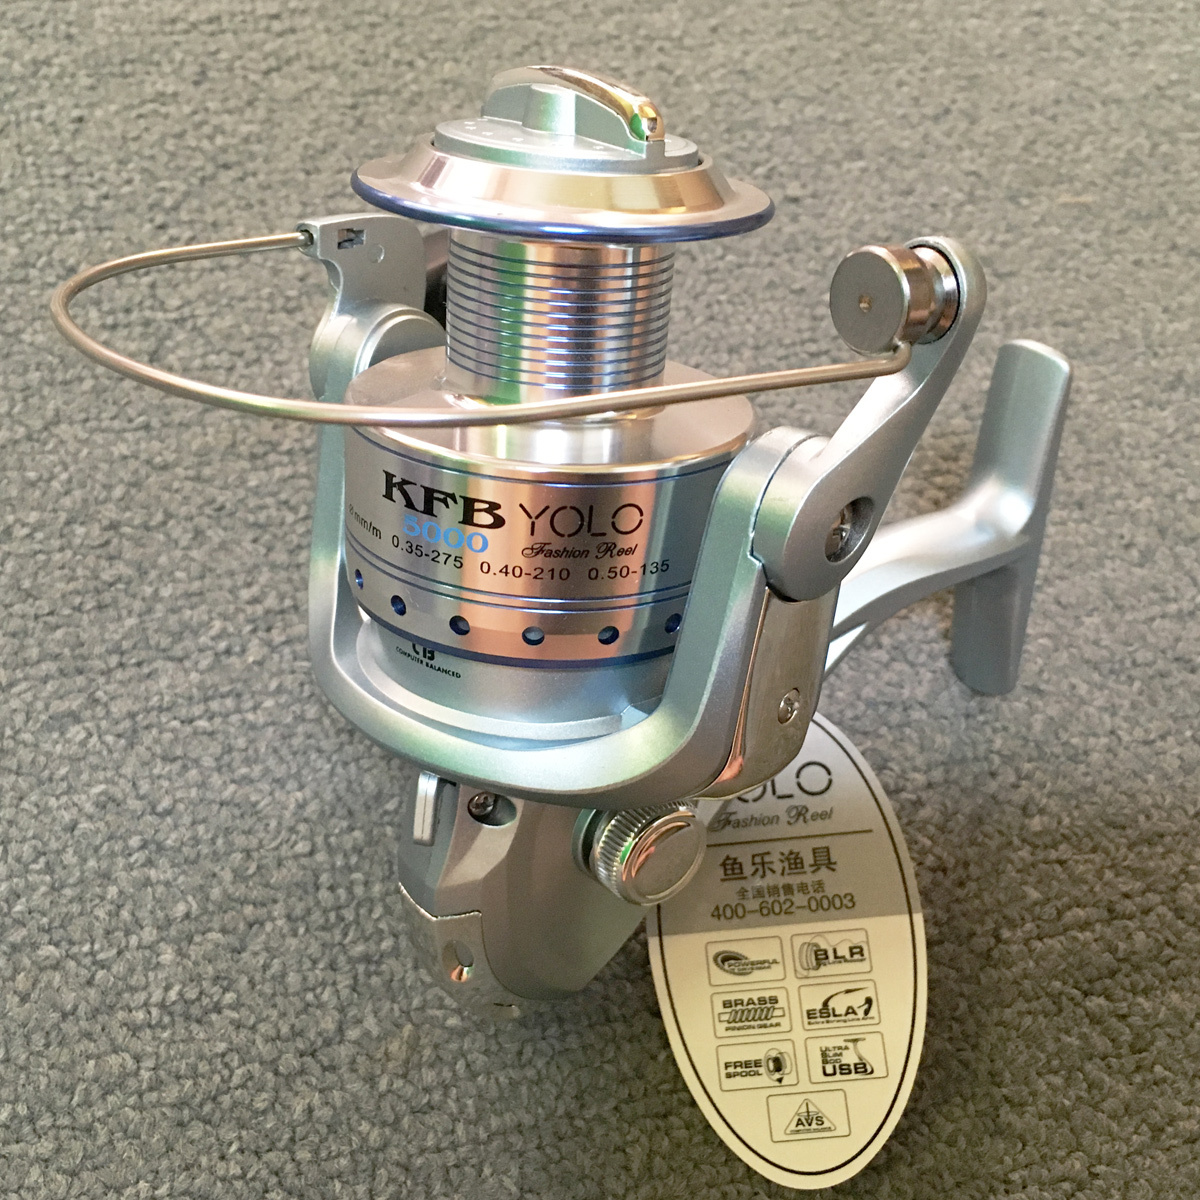 Máy câu cá yolo KFB 5000